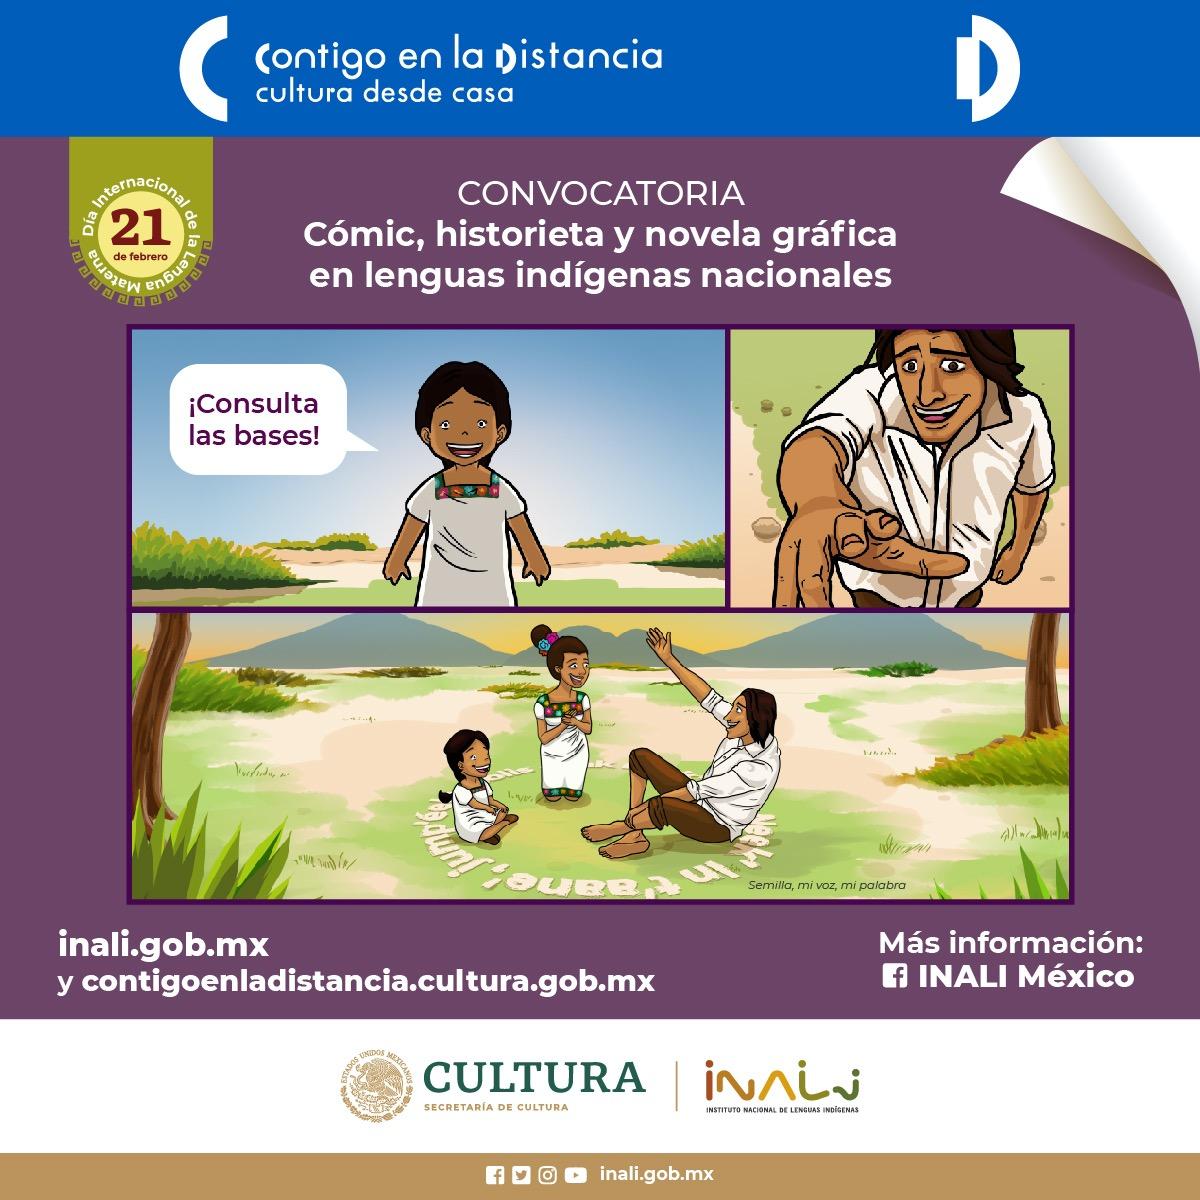 Lanzan convocatoria a historieta, novela gráfica y cómic en lenguas indígenas